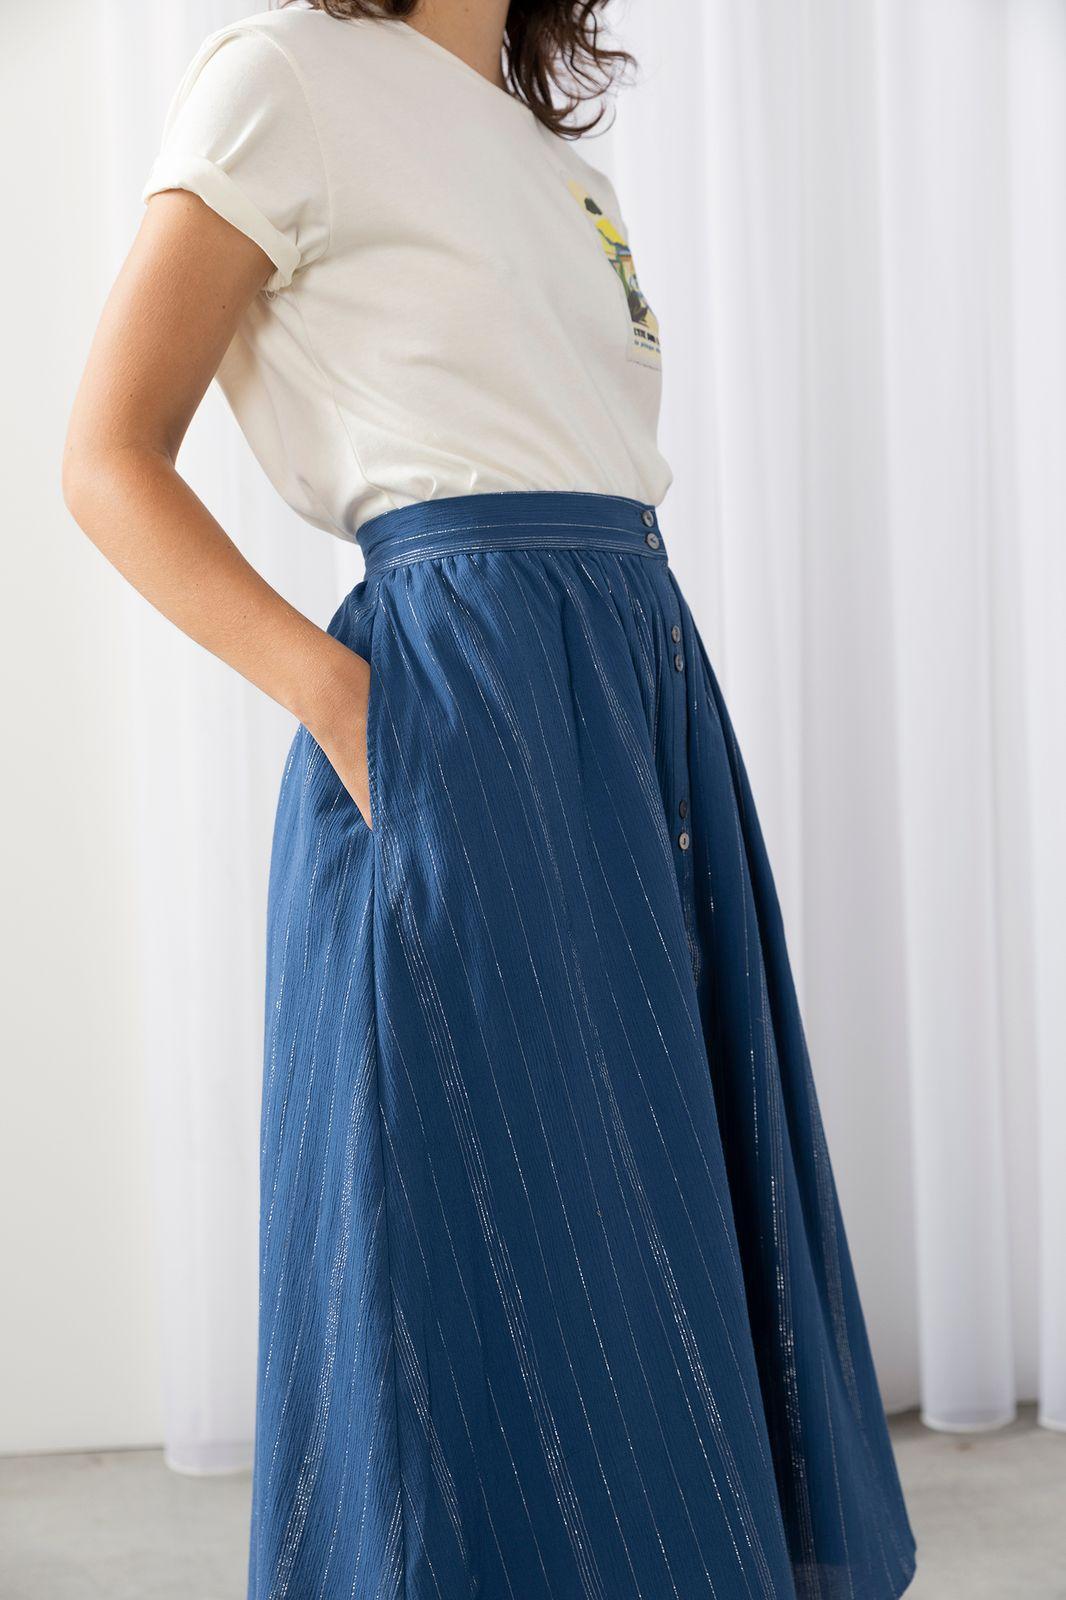 Blauwe rok met zilveren stiksels